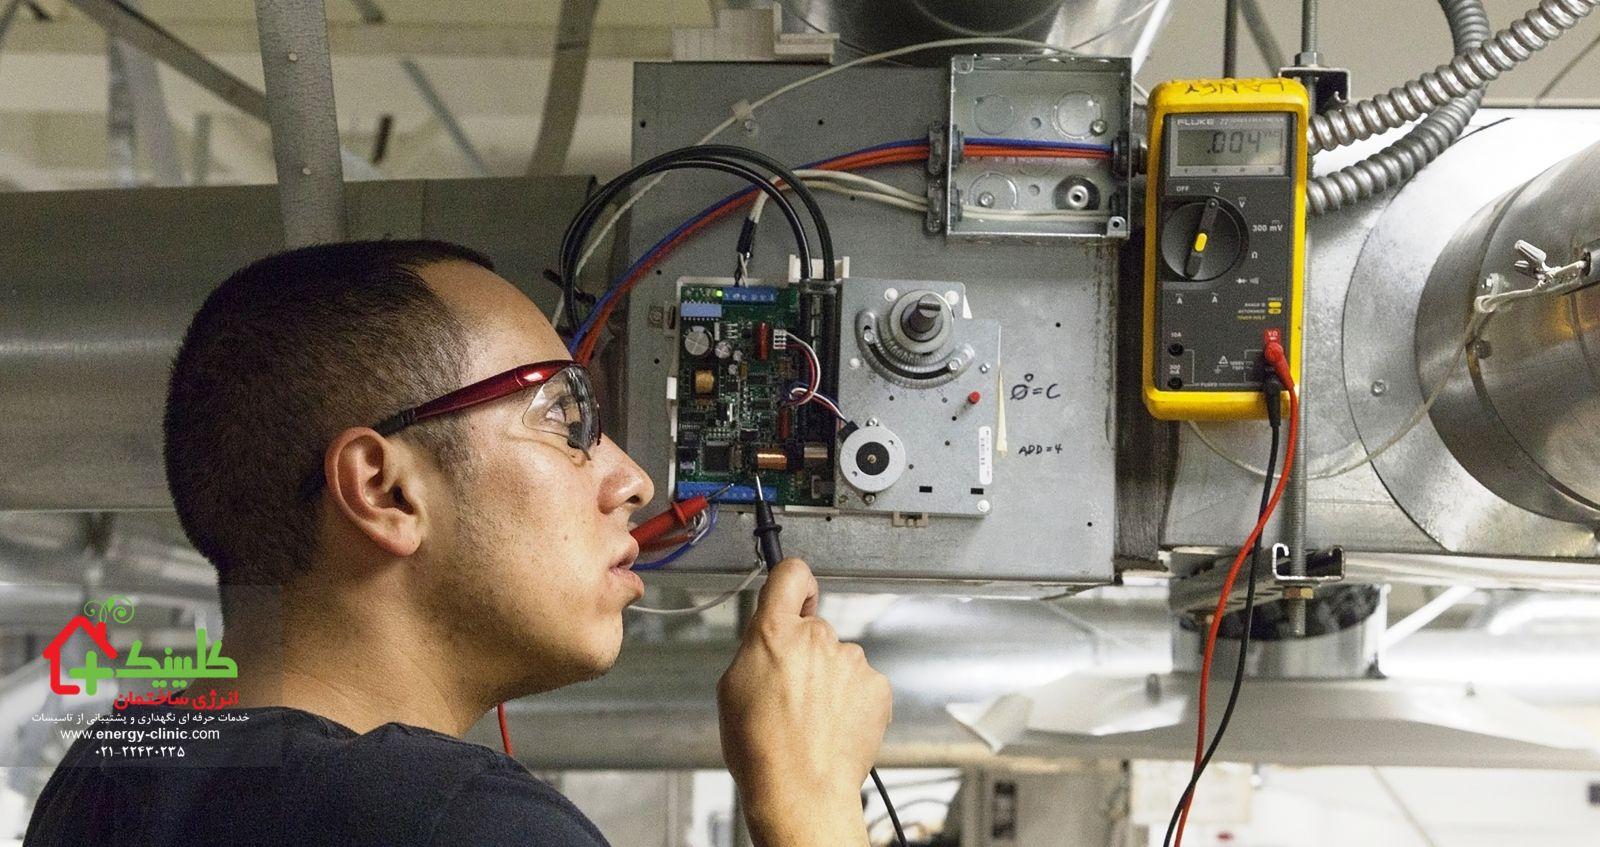 جایگزینی و ارتقا سیستم های مدیریت ساختمان